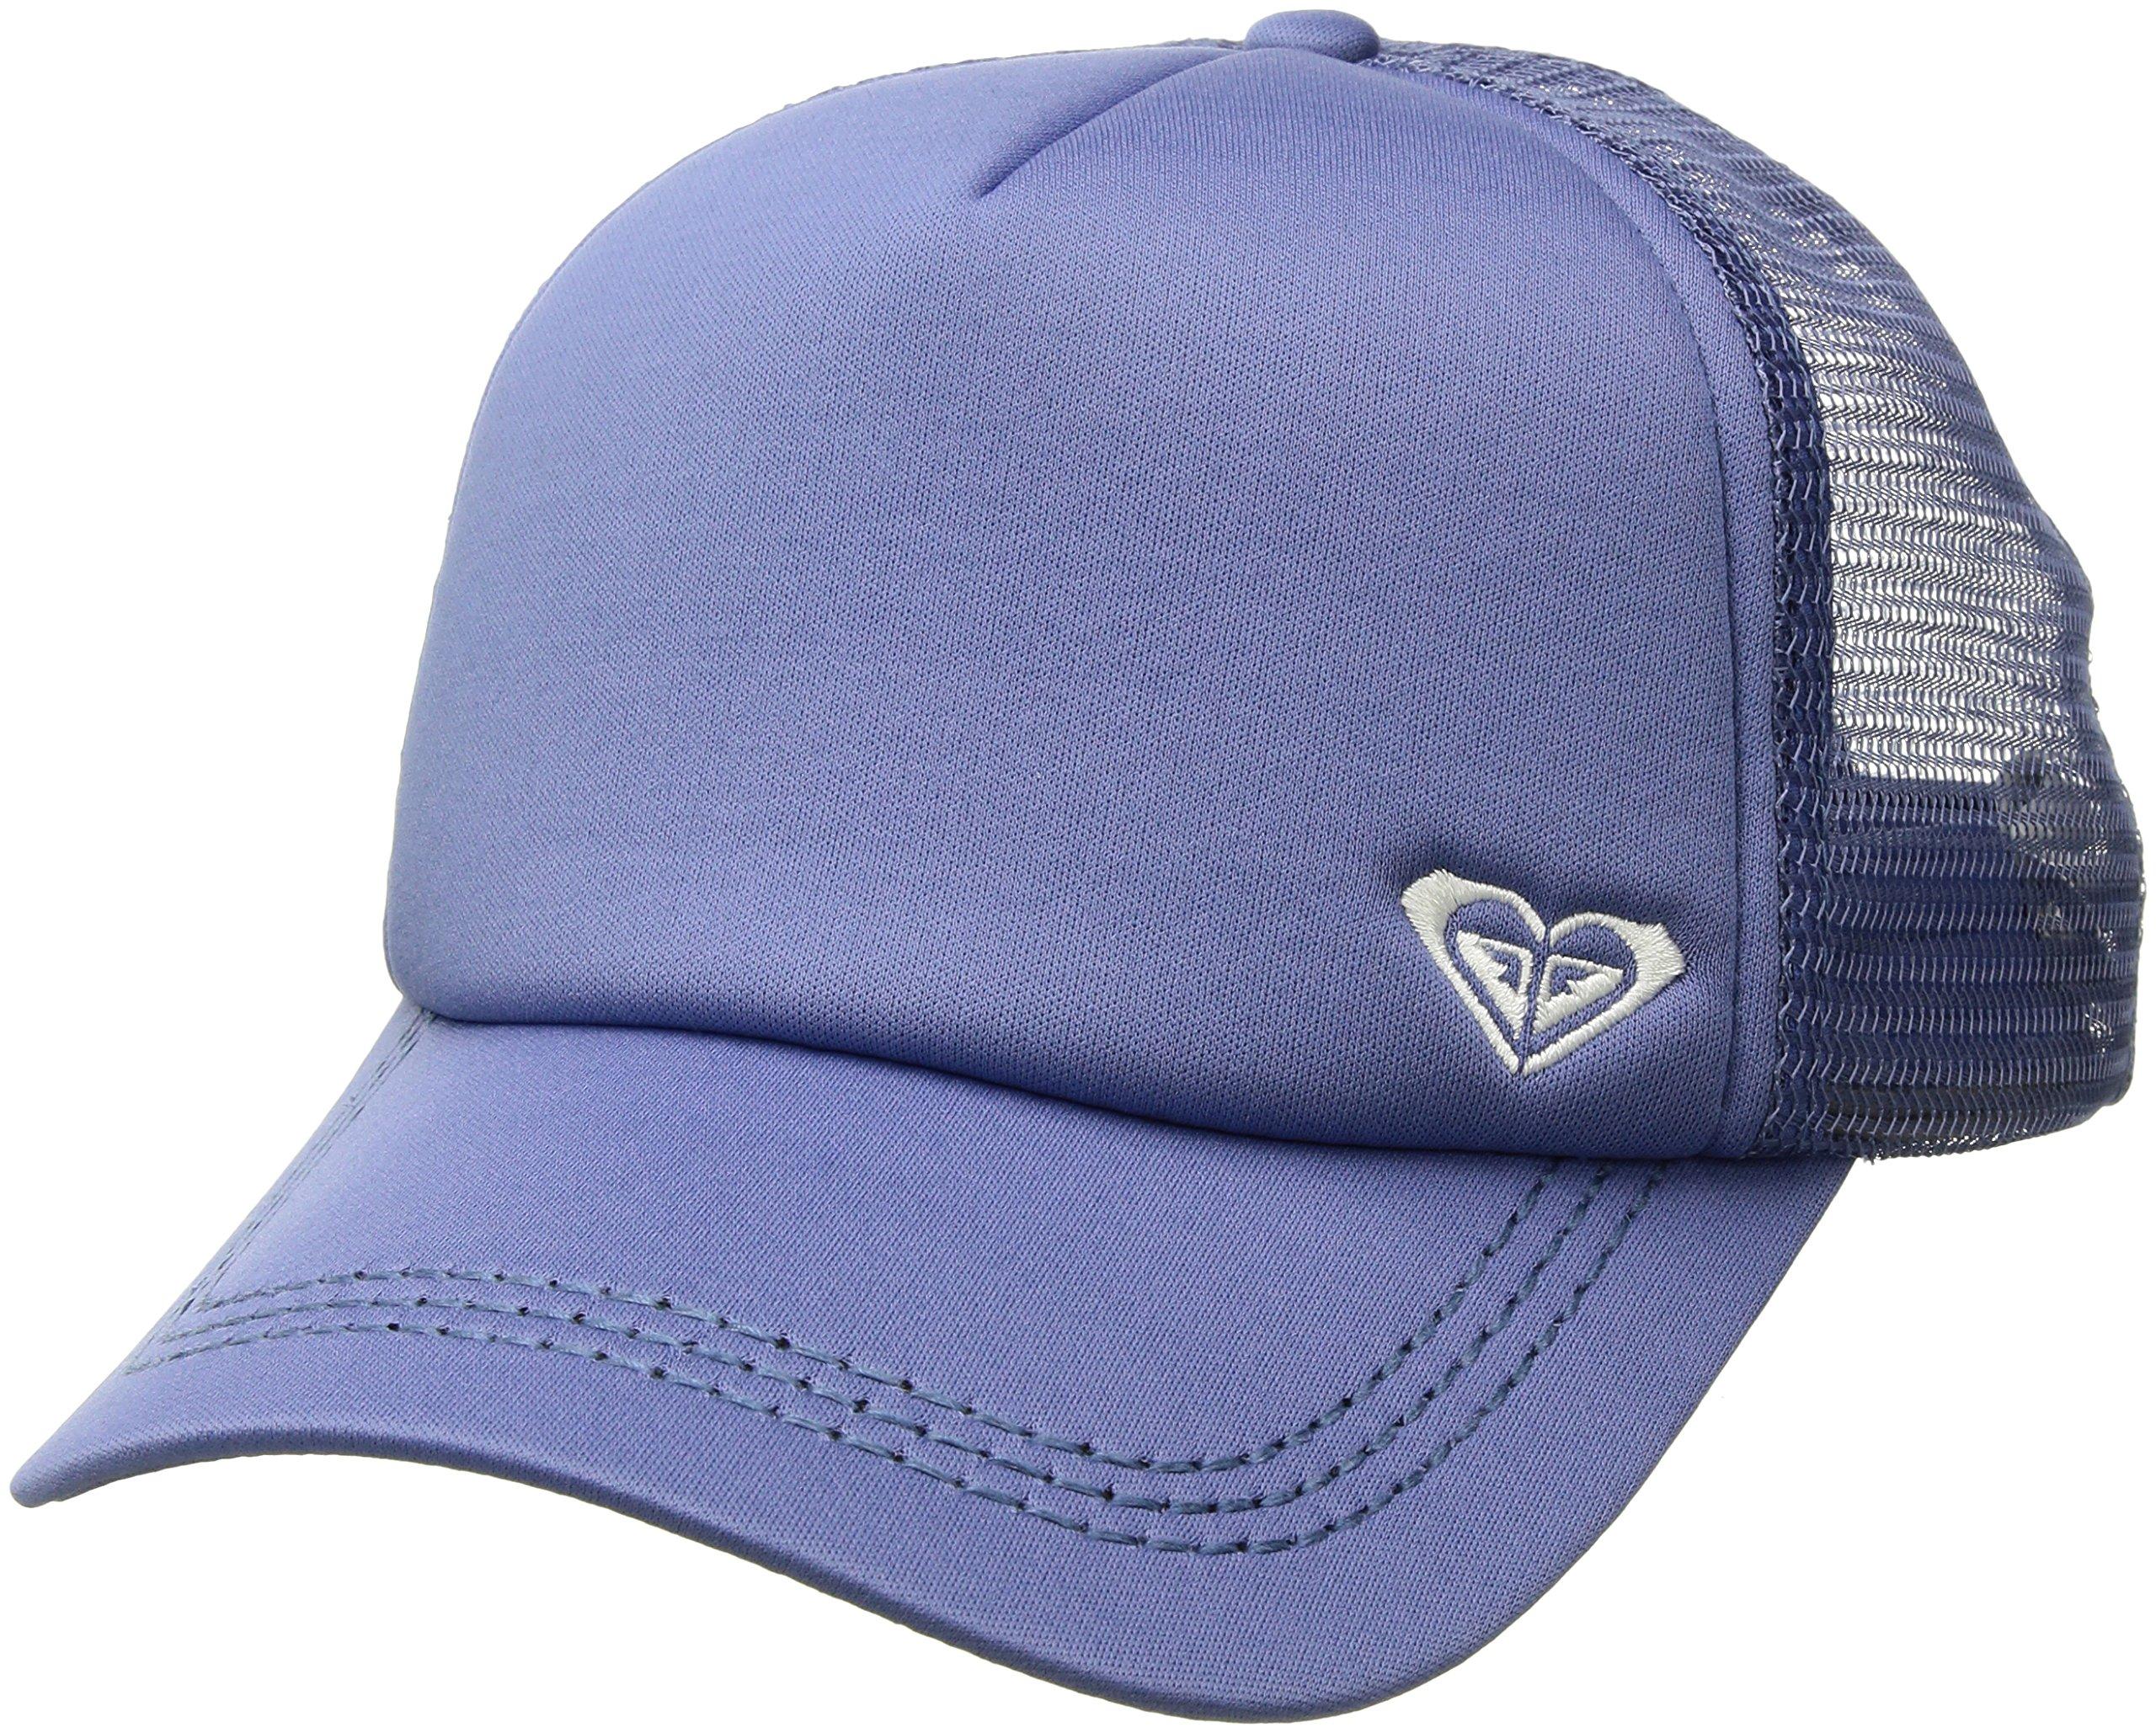 Roxy Women's Finishline Trucker Hat, bleached denim ERJHA03320 1SZ